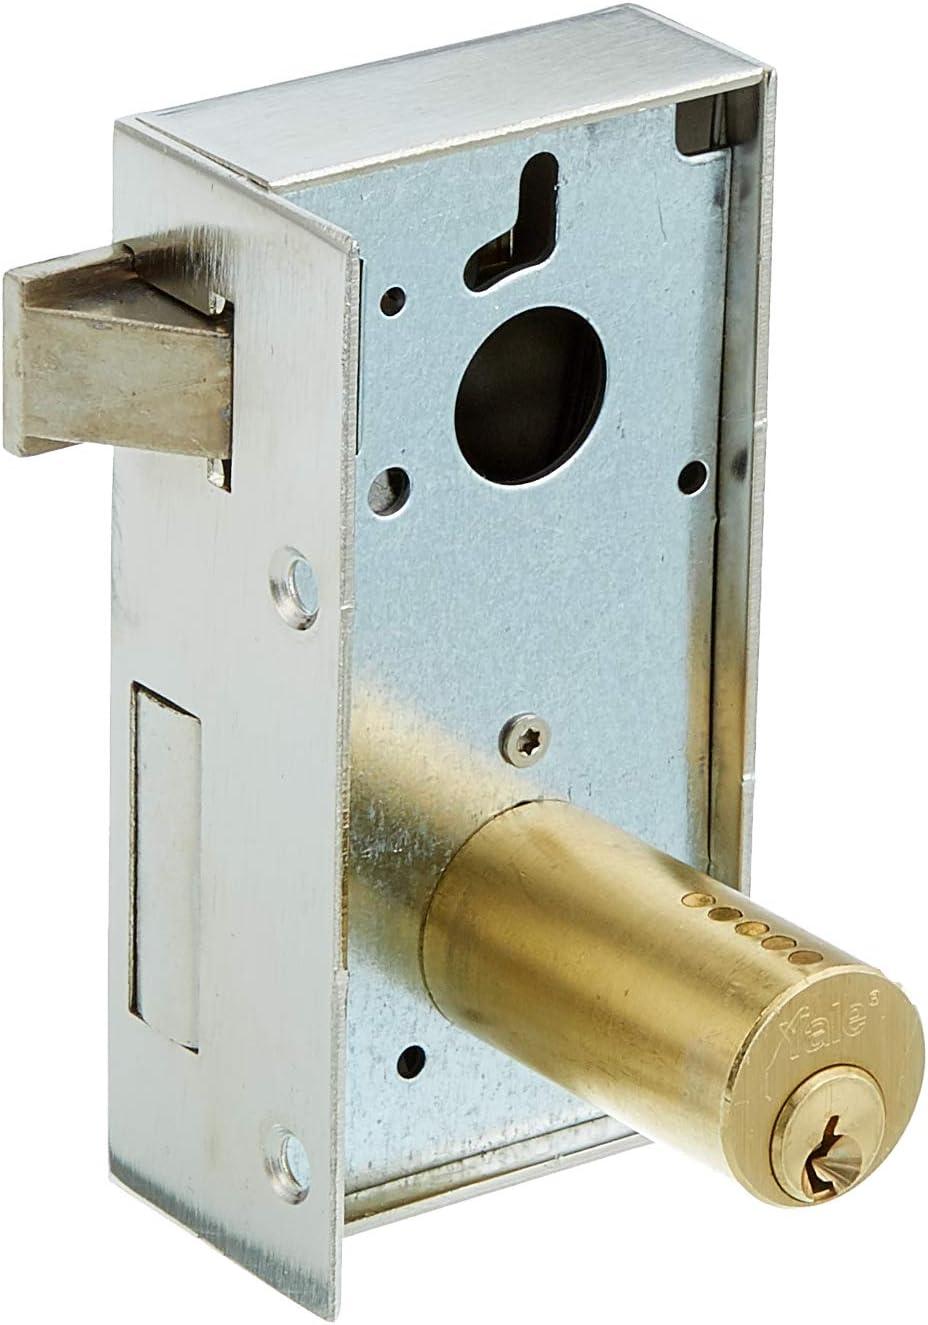 Hierro Pintado 12580DHP 80 mm Yale 125 // Derecha Cerradura de Sobreponer Est/ándar